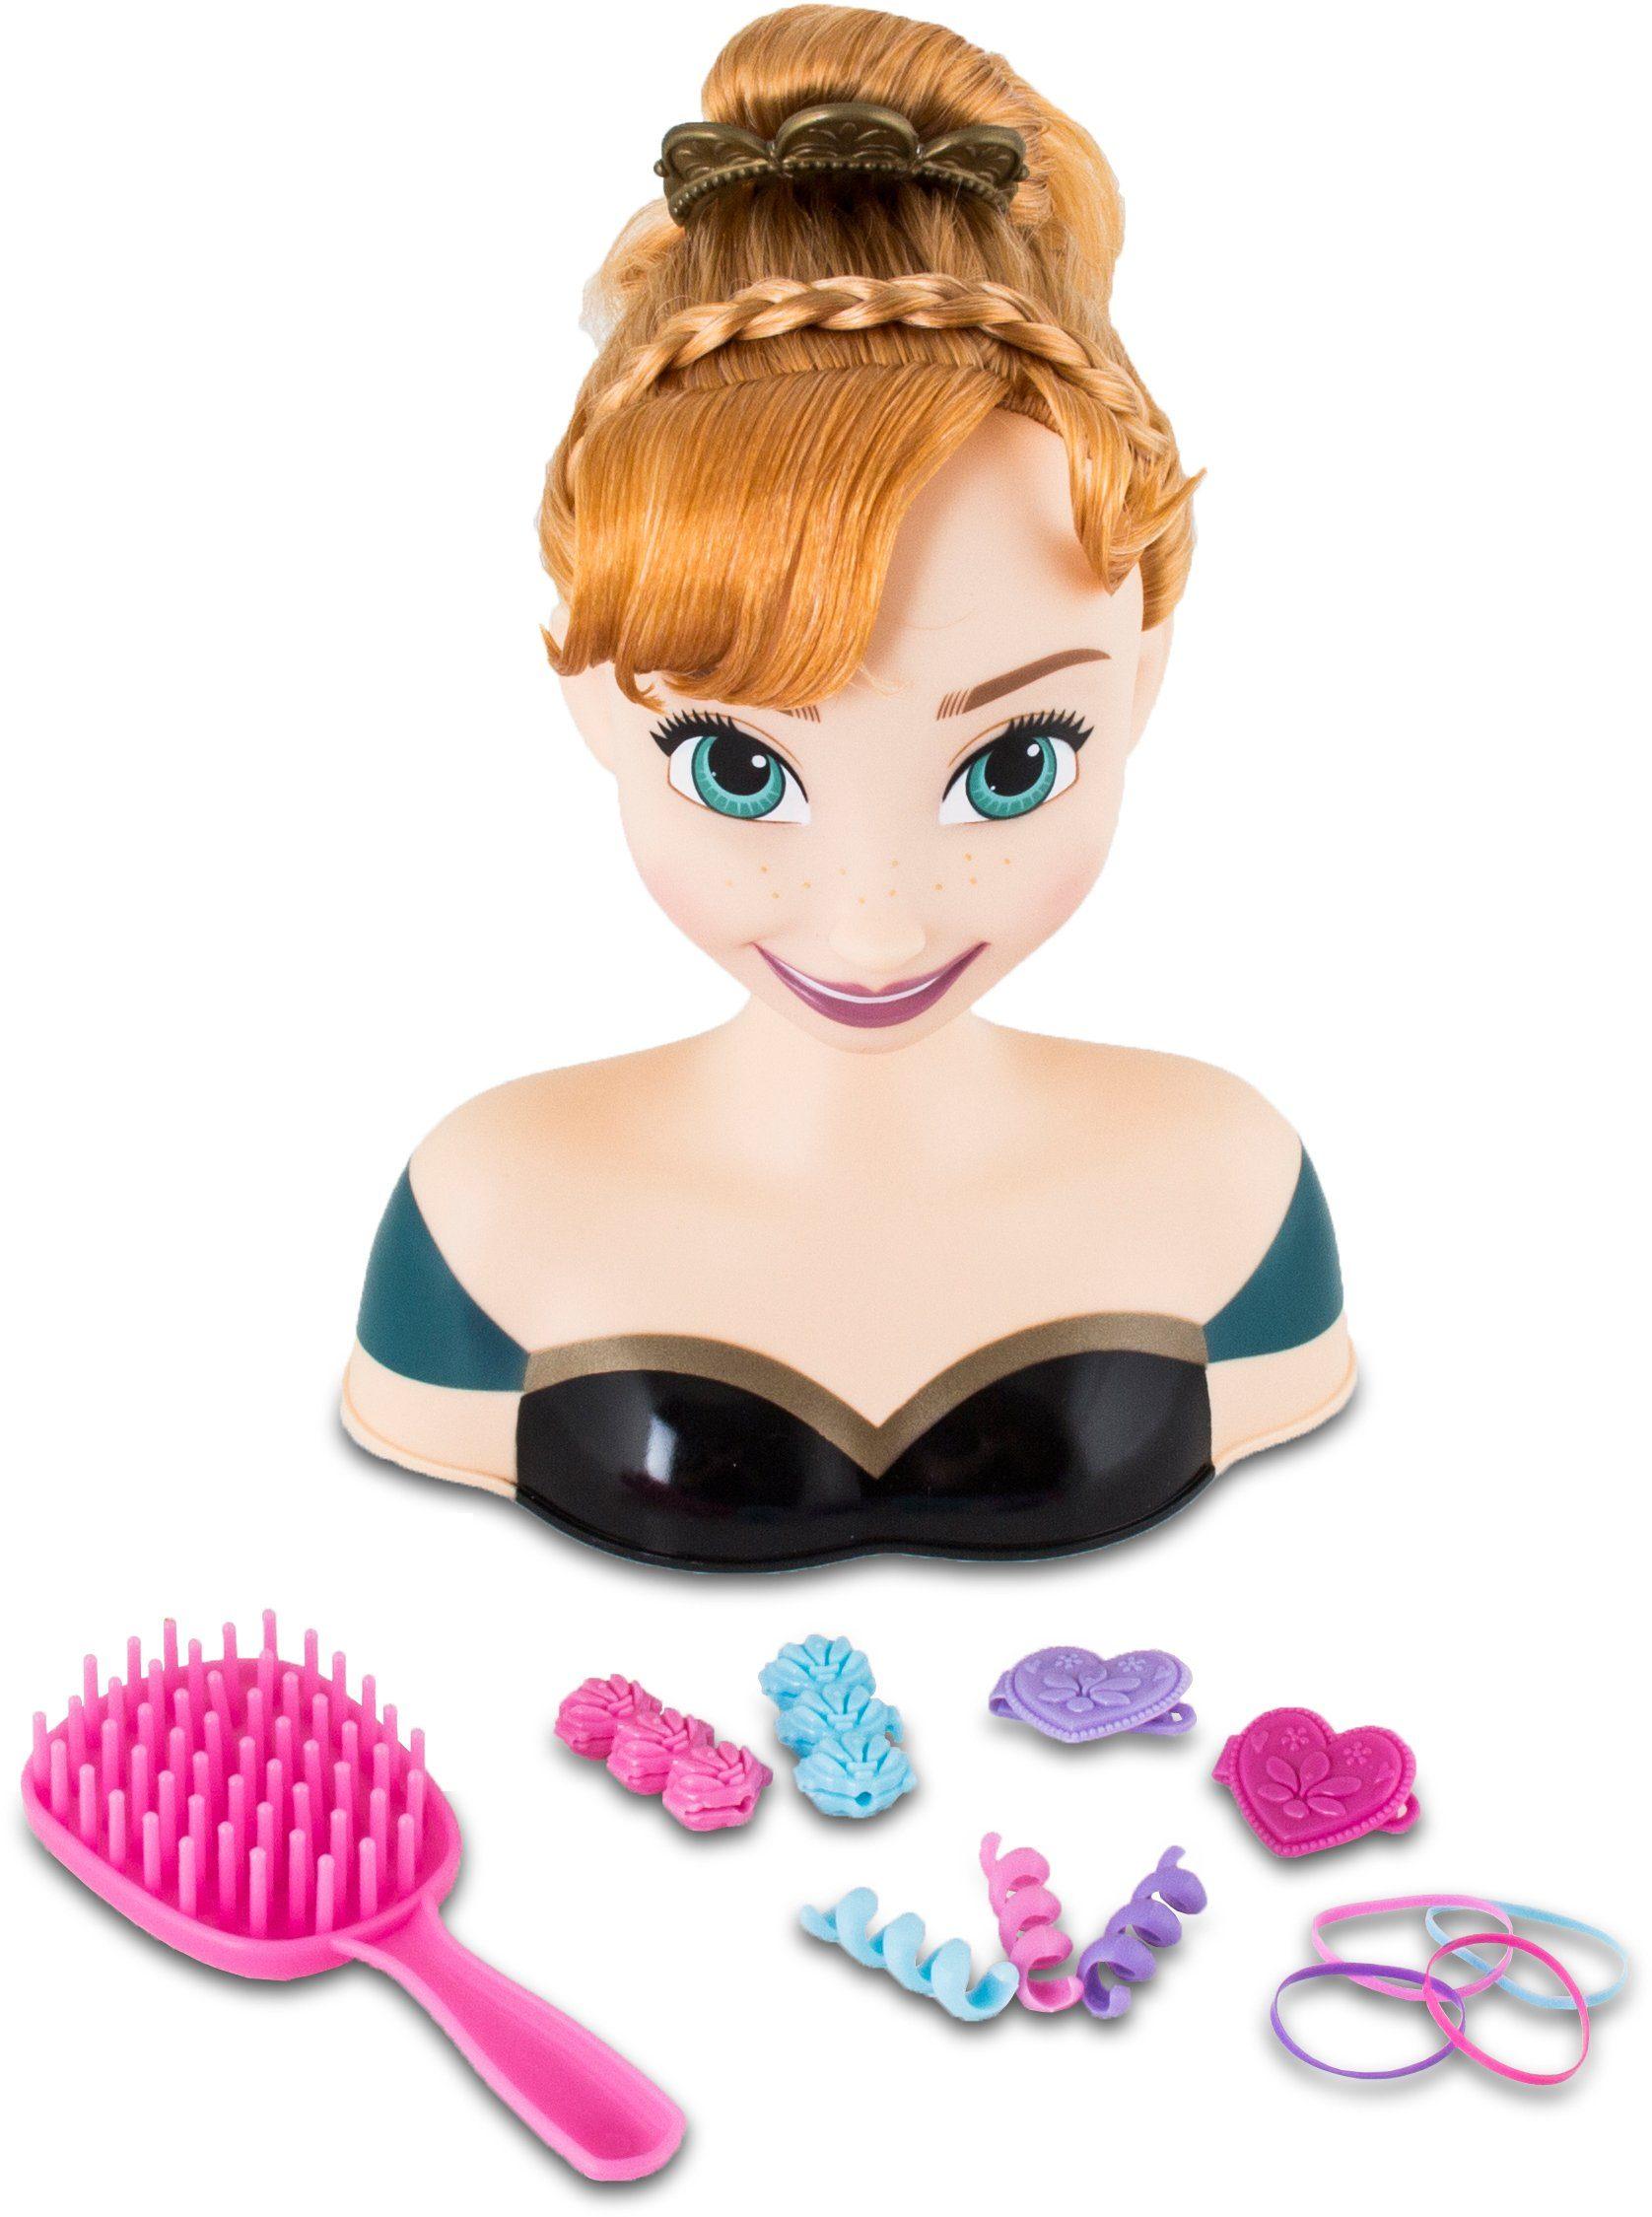 IMC Toys Kopf zum Stylen und Frisieren, »Frozen Stylingkopf Anna«